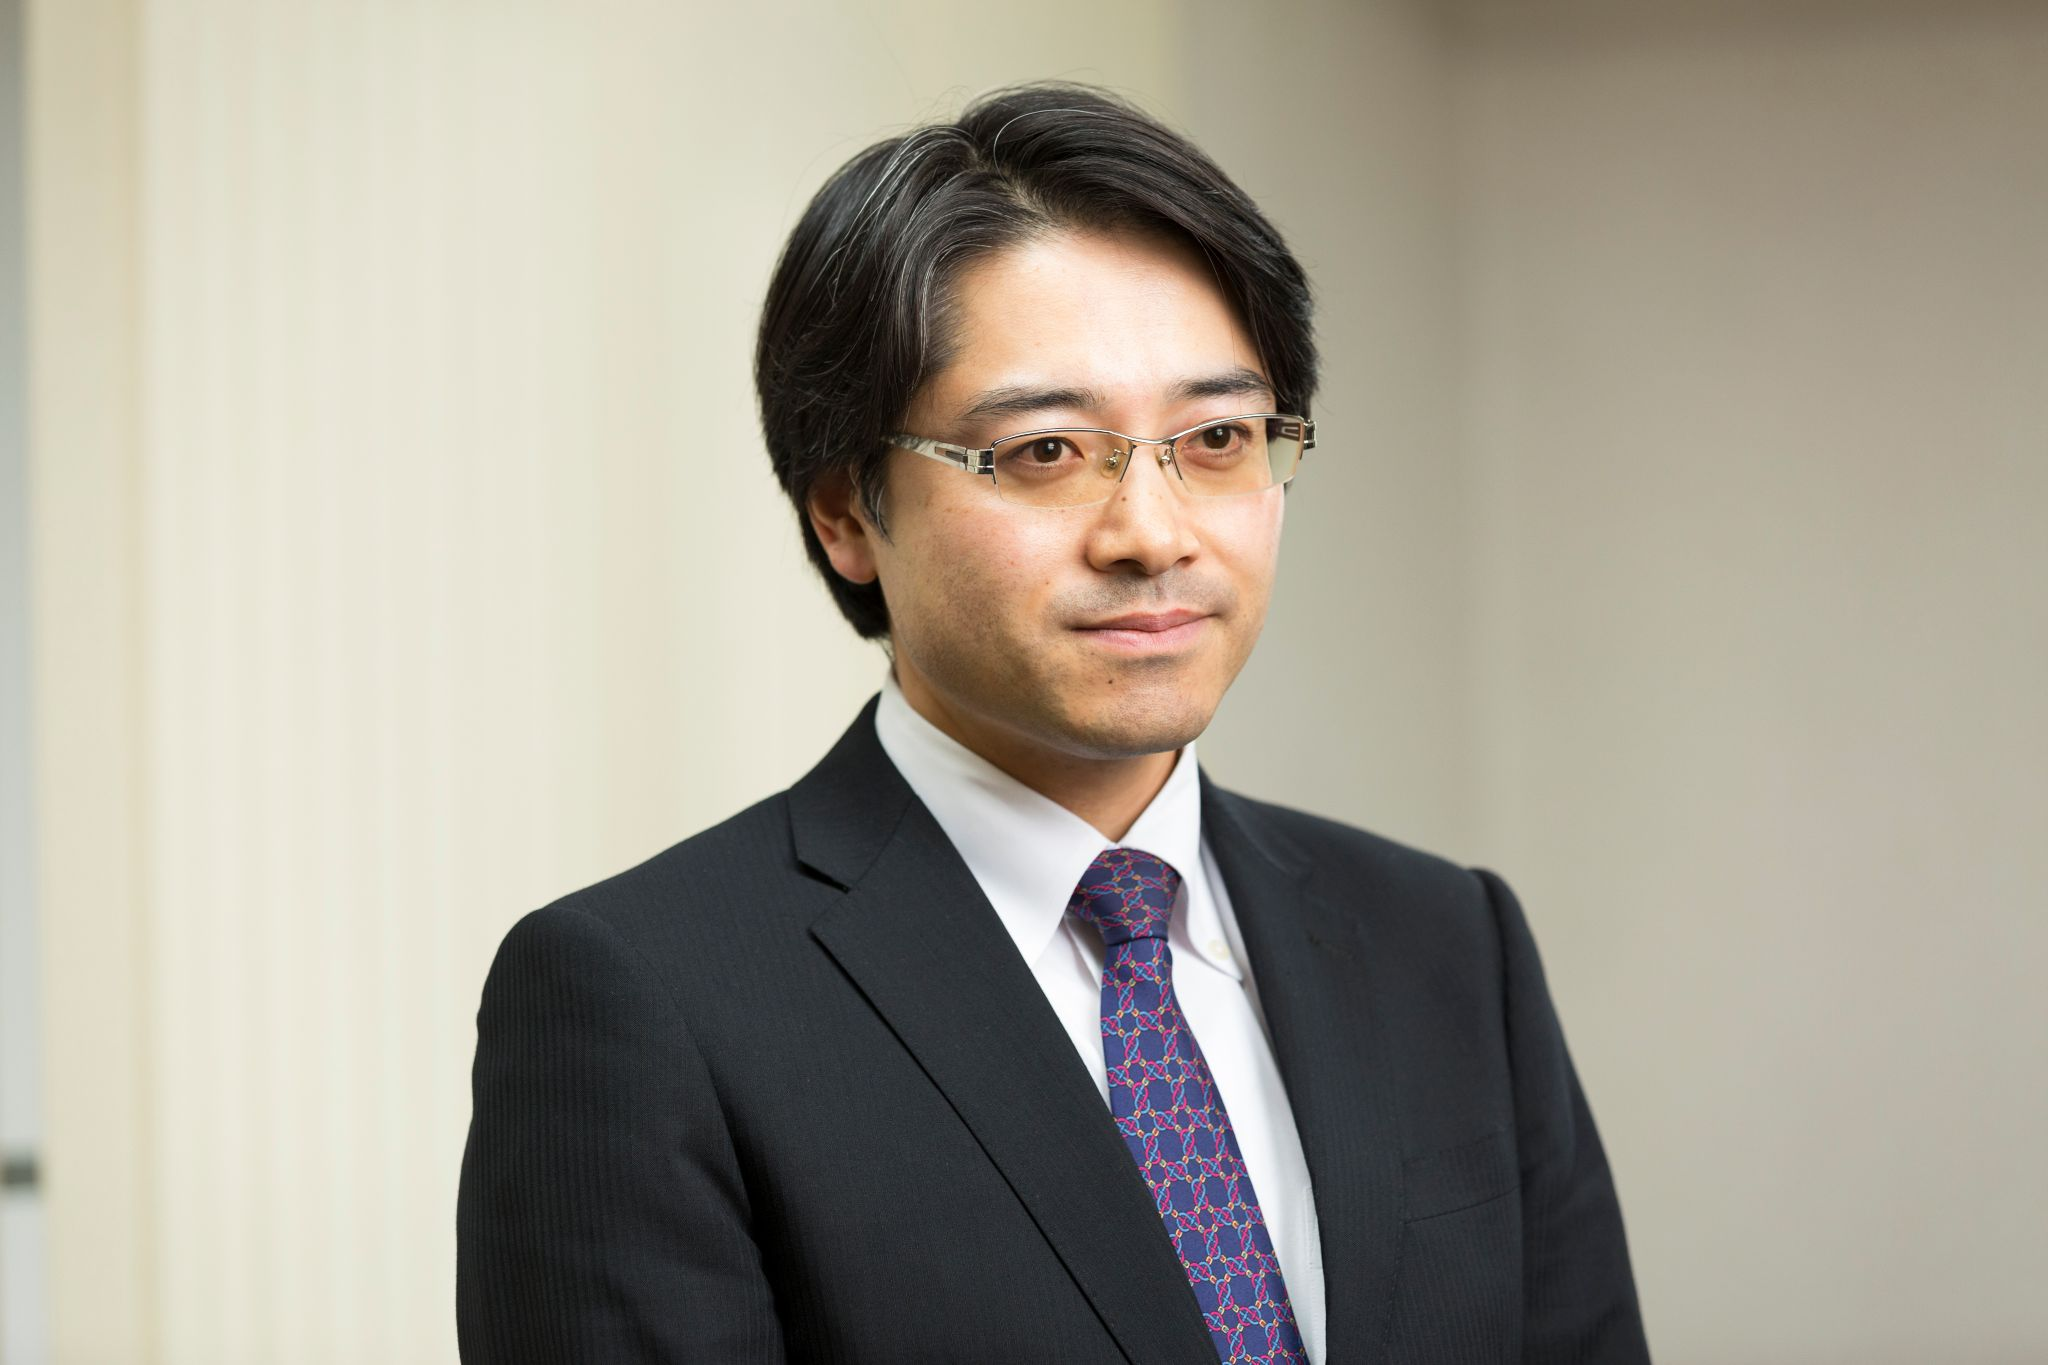 シルバーシティ哲学堂 園長 中村 入社17年目